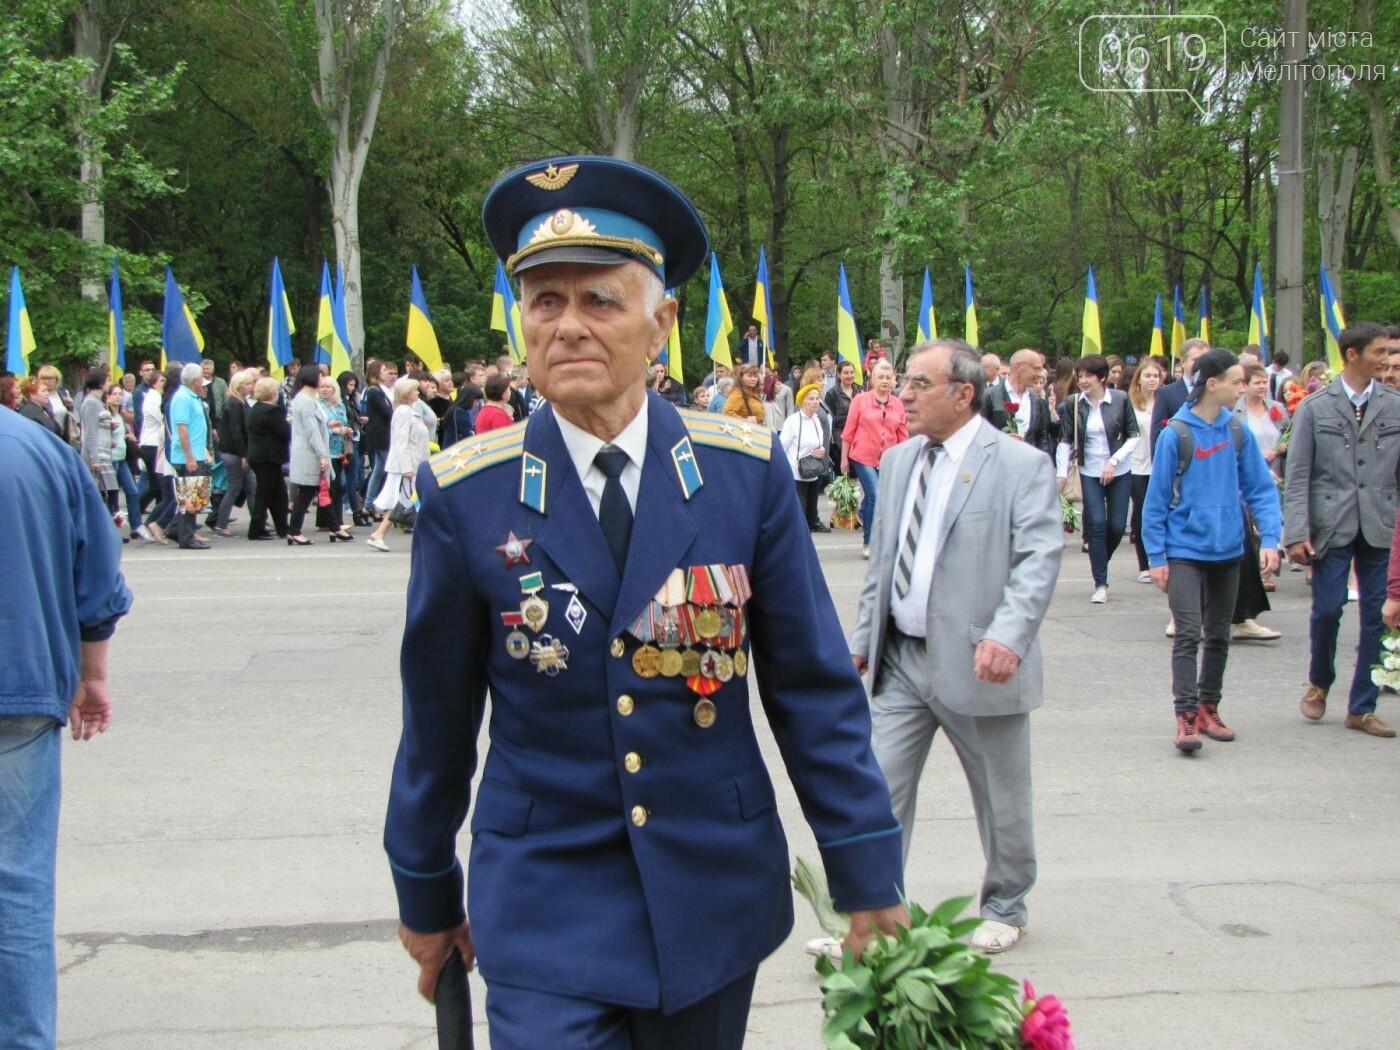 Мелитополь празднует День Победы - не обошлось без провокаторов, фото-1